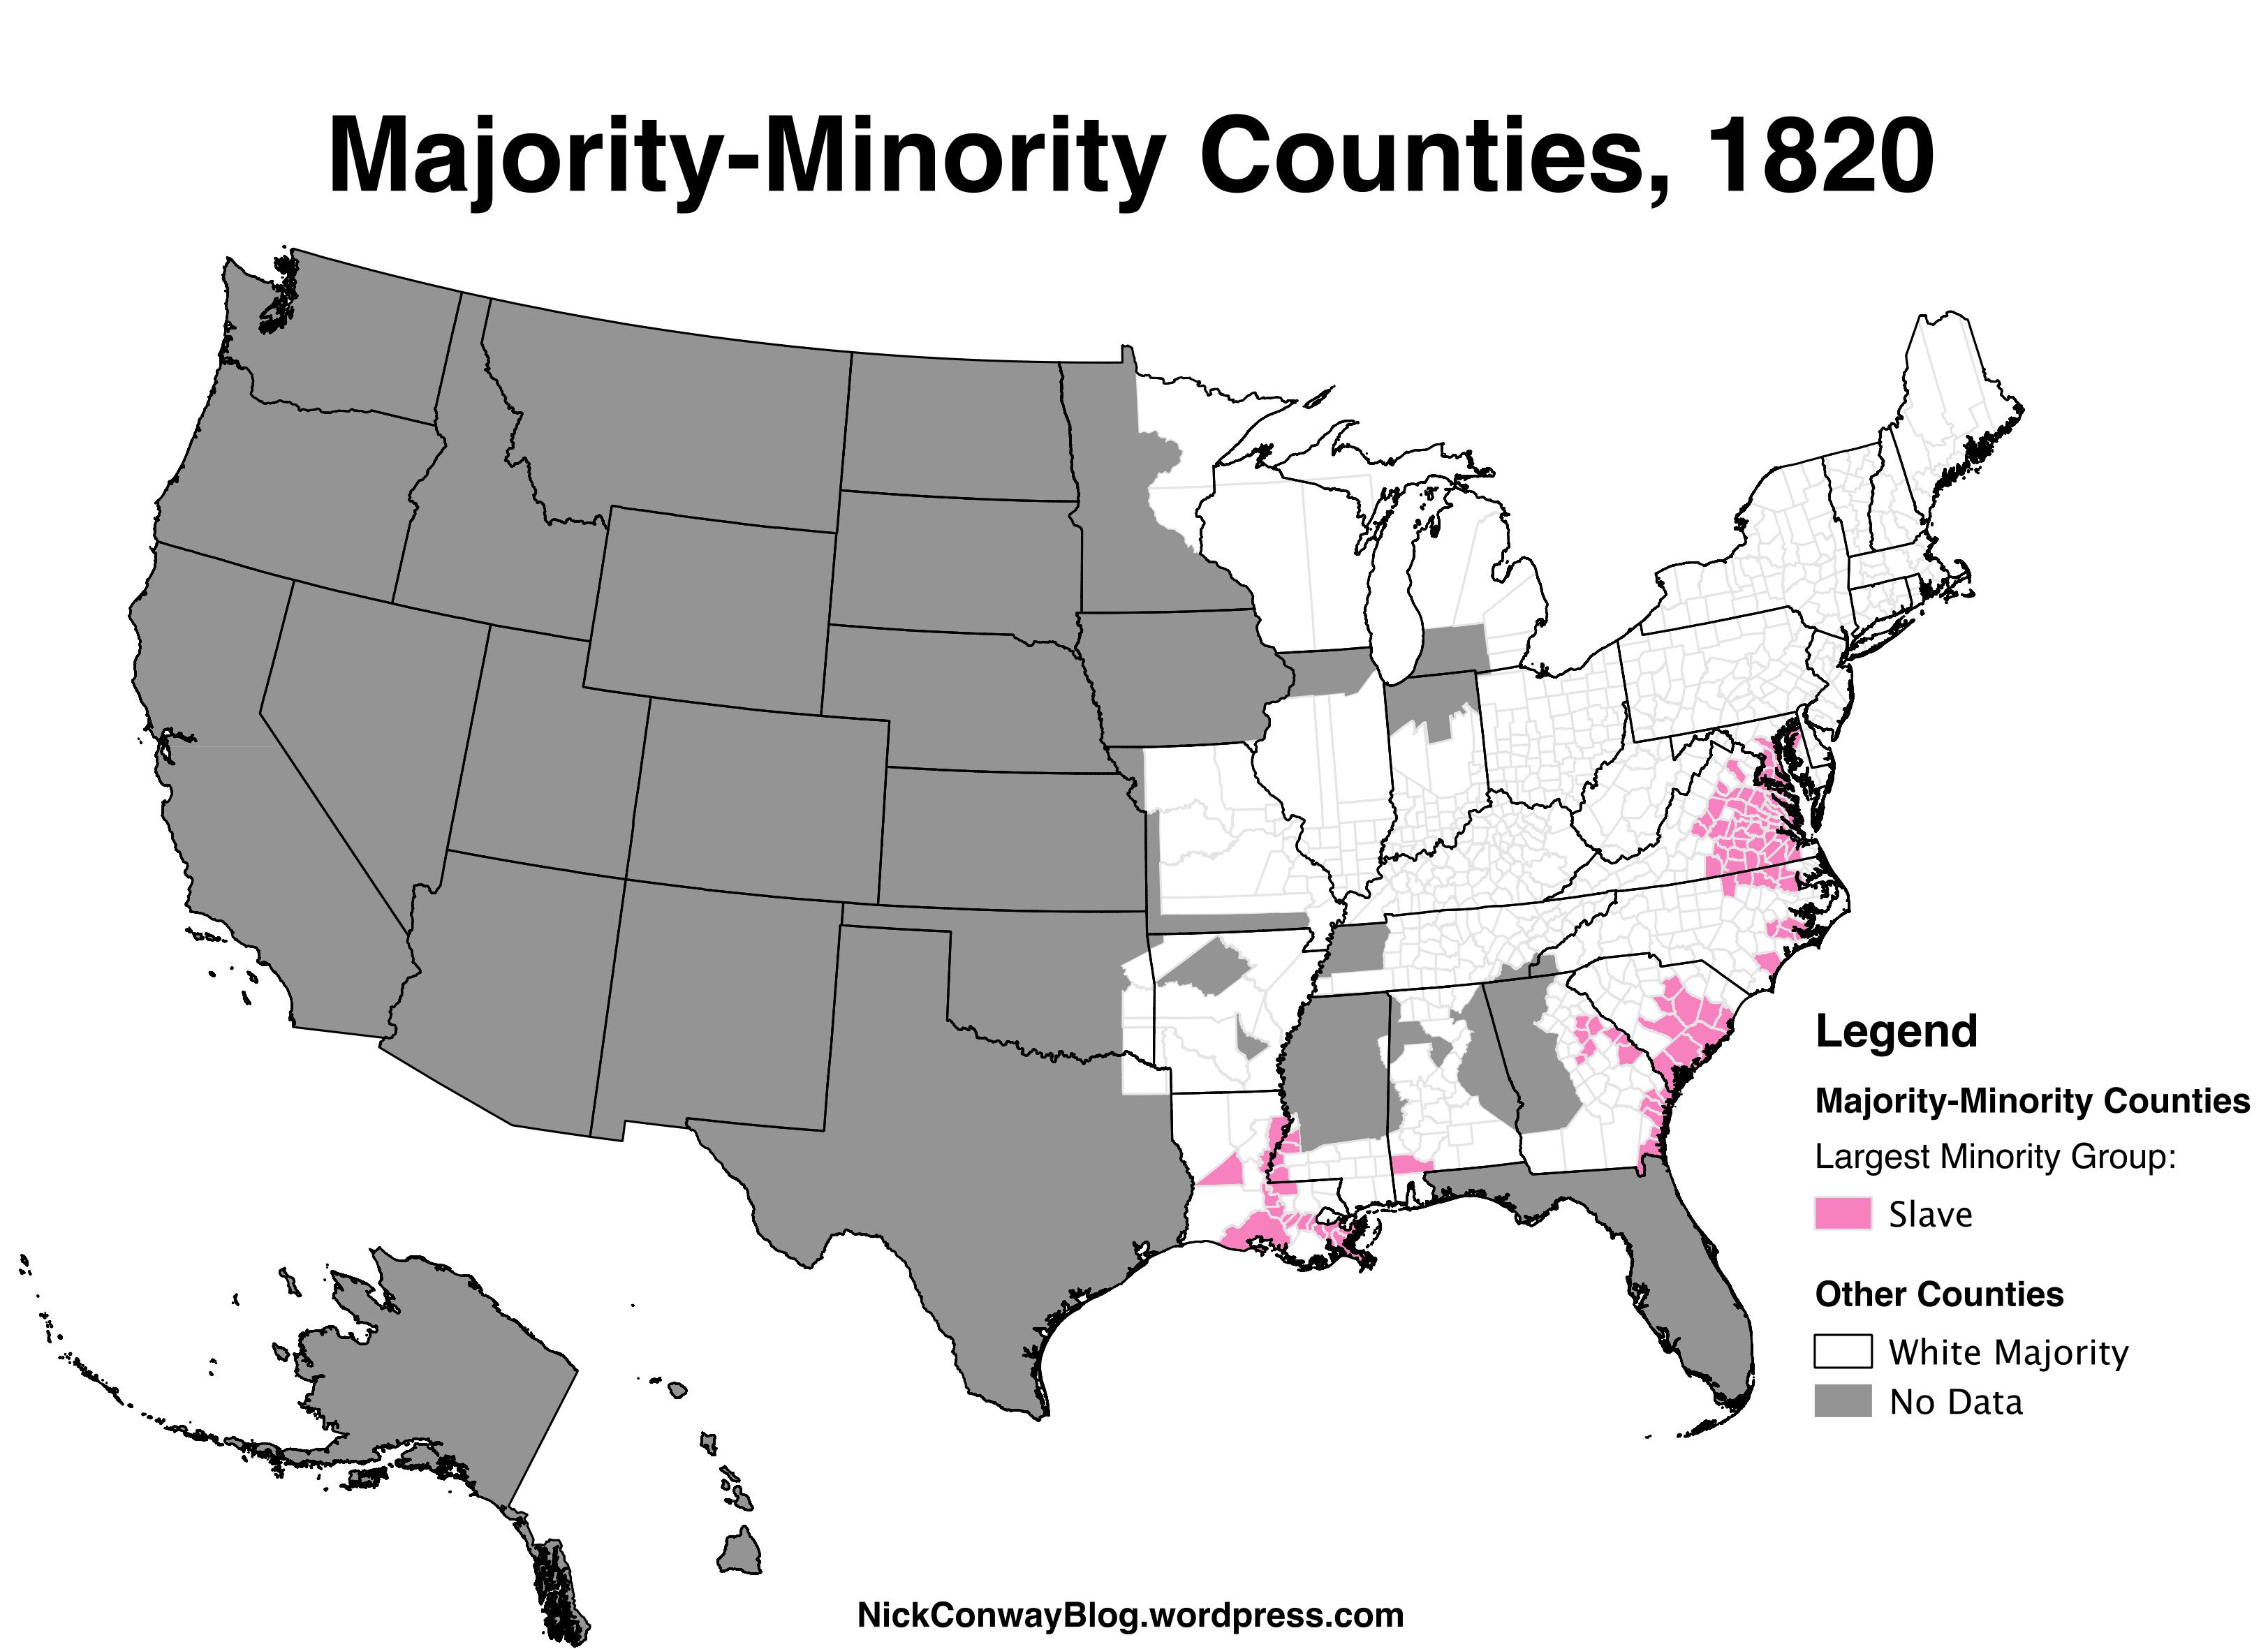 MajorityMinority Counties In The US Nick Conway - Map majority minority us